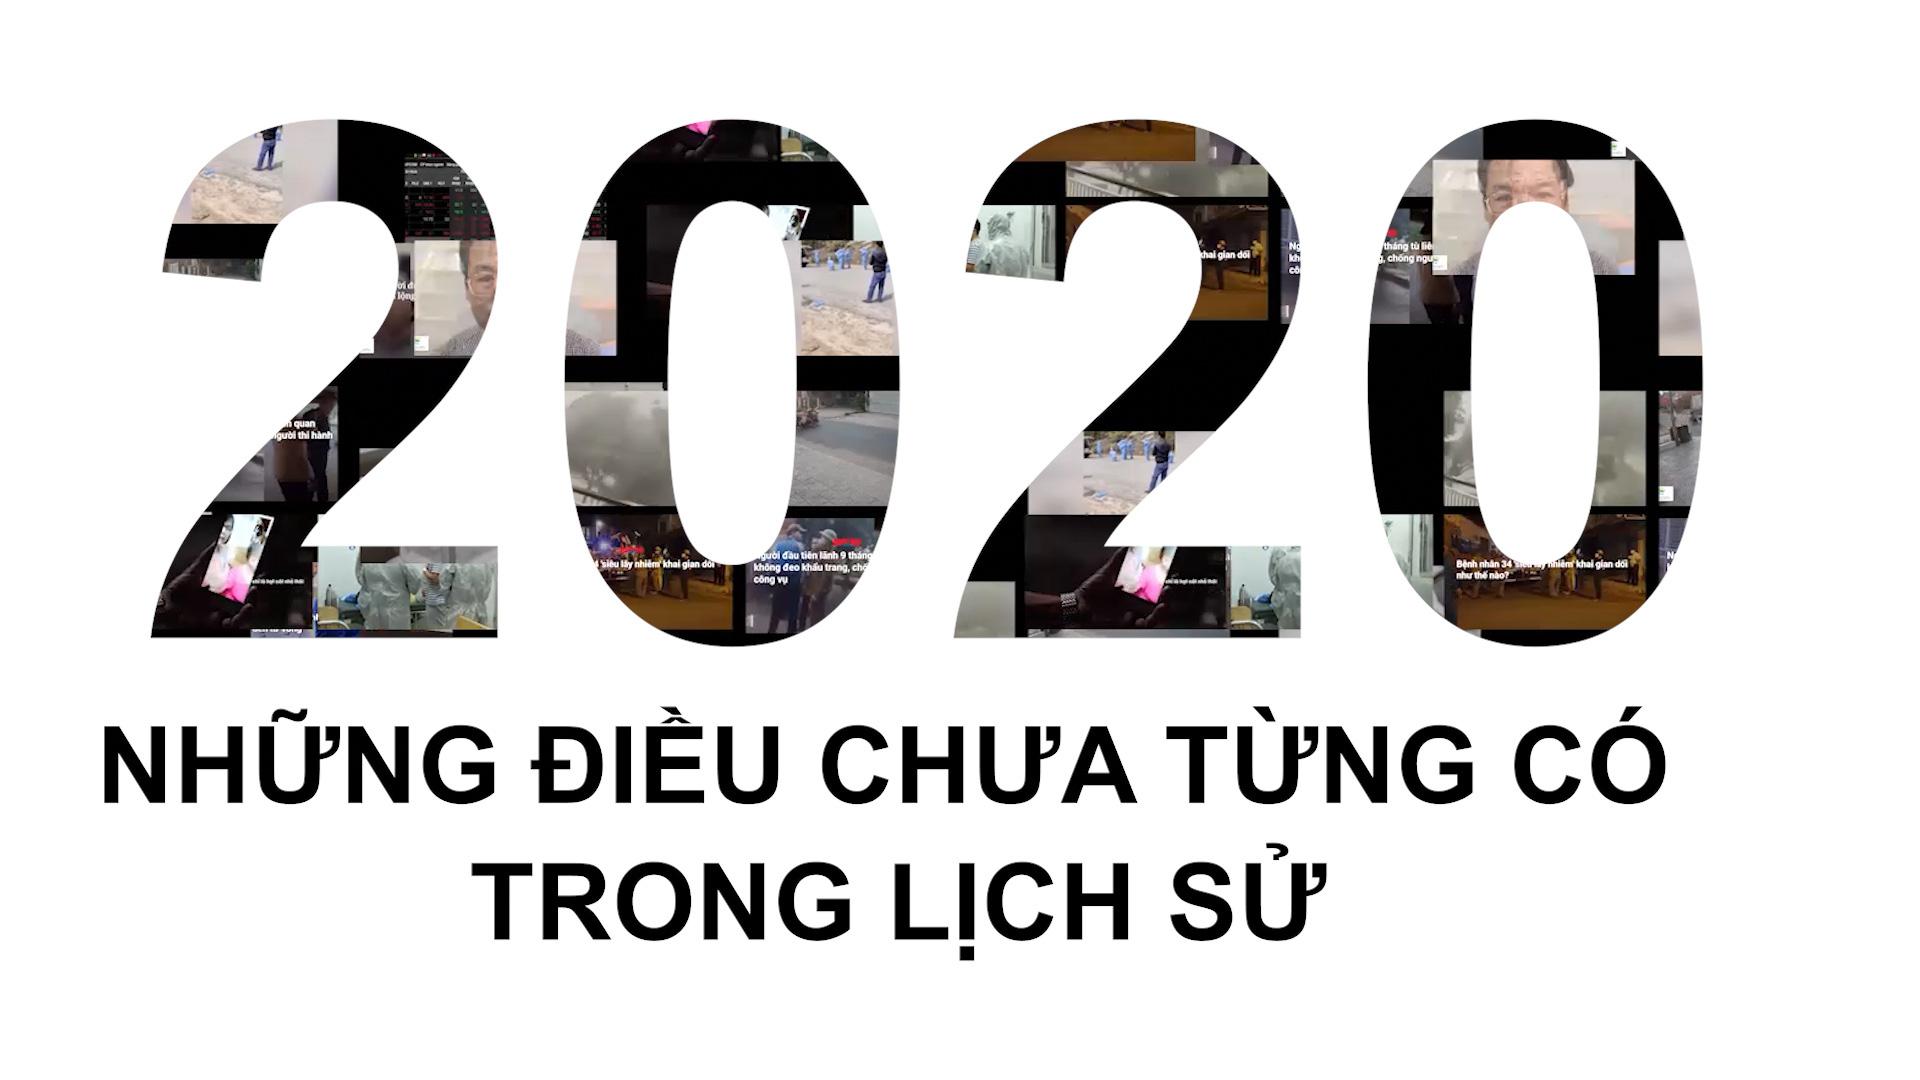 DẤU ẤN 2020: Những điều chưa từng có trong lịch sử (phát Tết) - Ảnh 2.